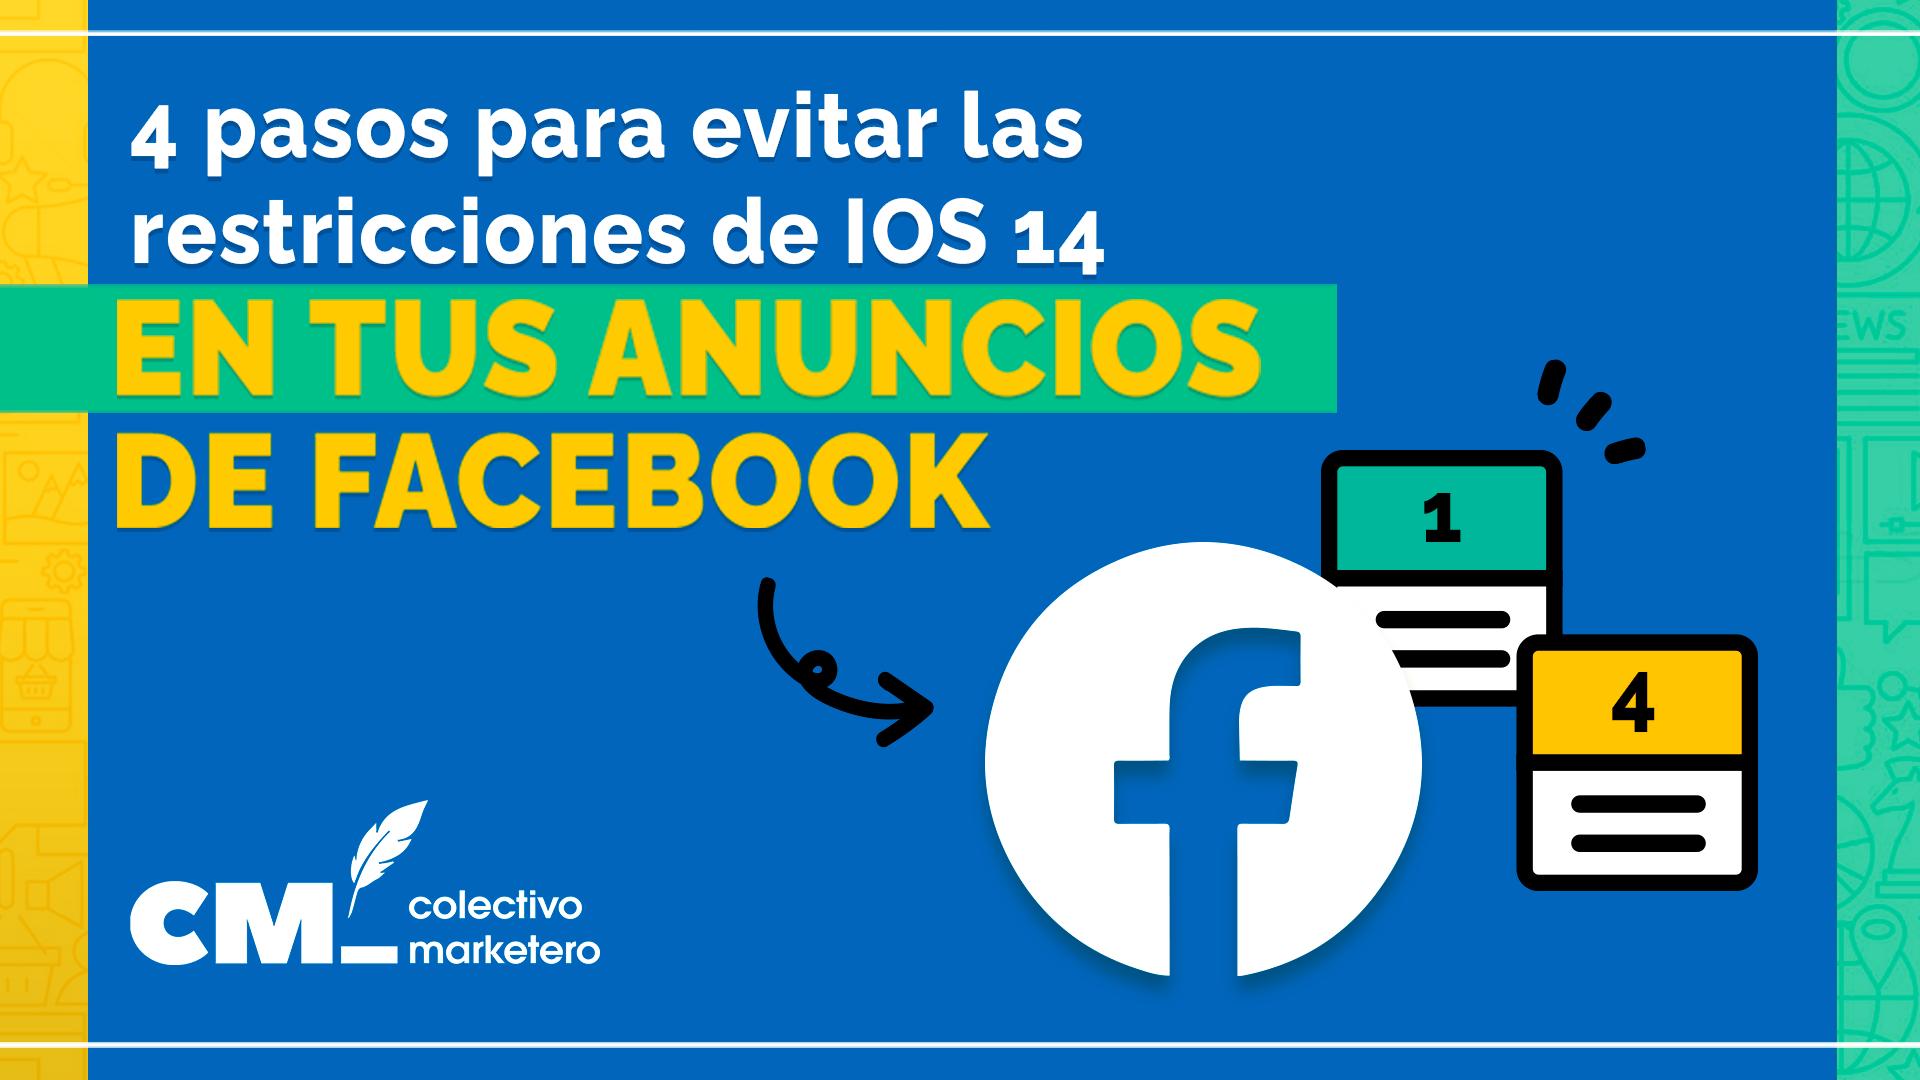 4 pasos para evitar las restricciones de IOS 14 en tus anuncios de Facebook